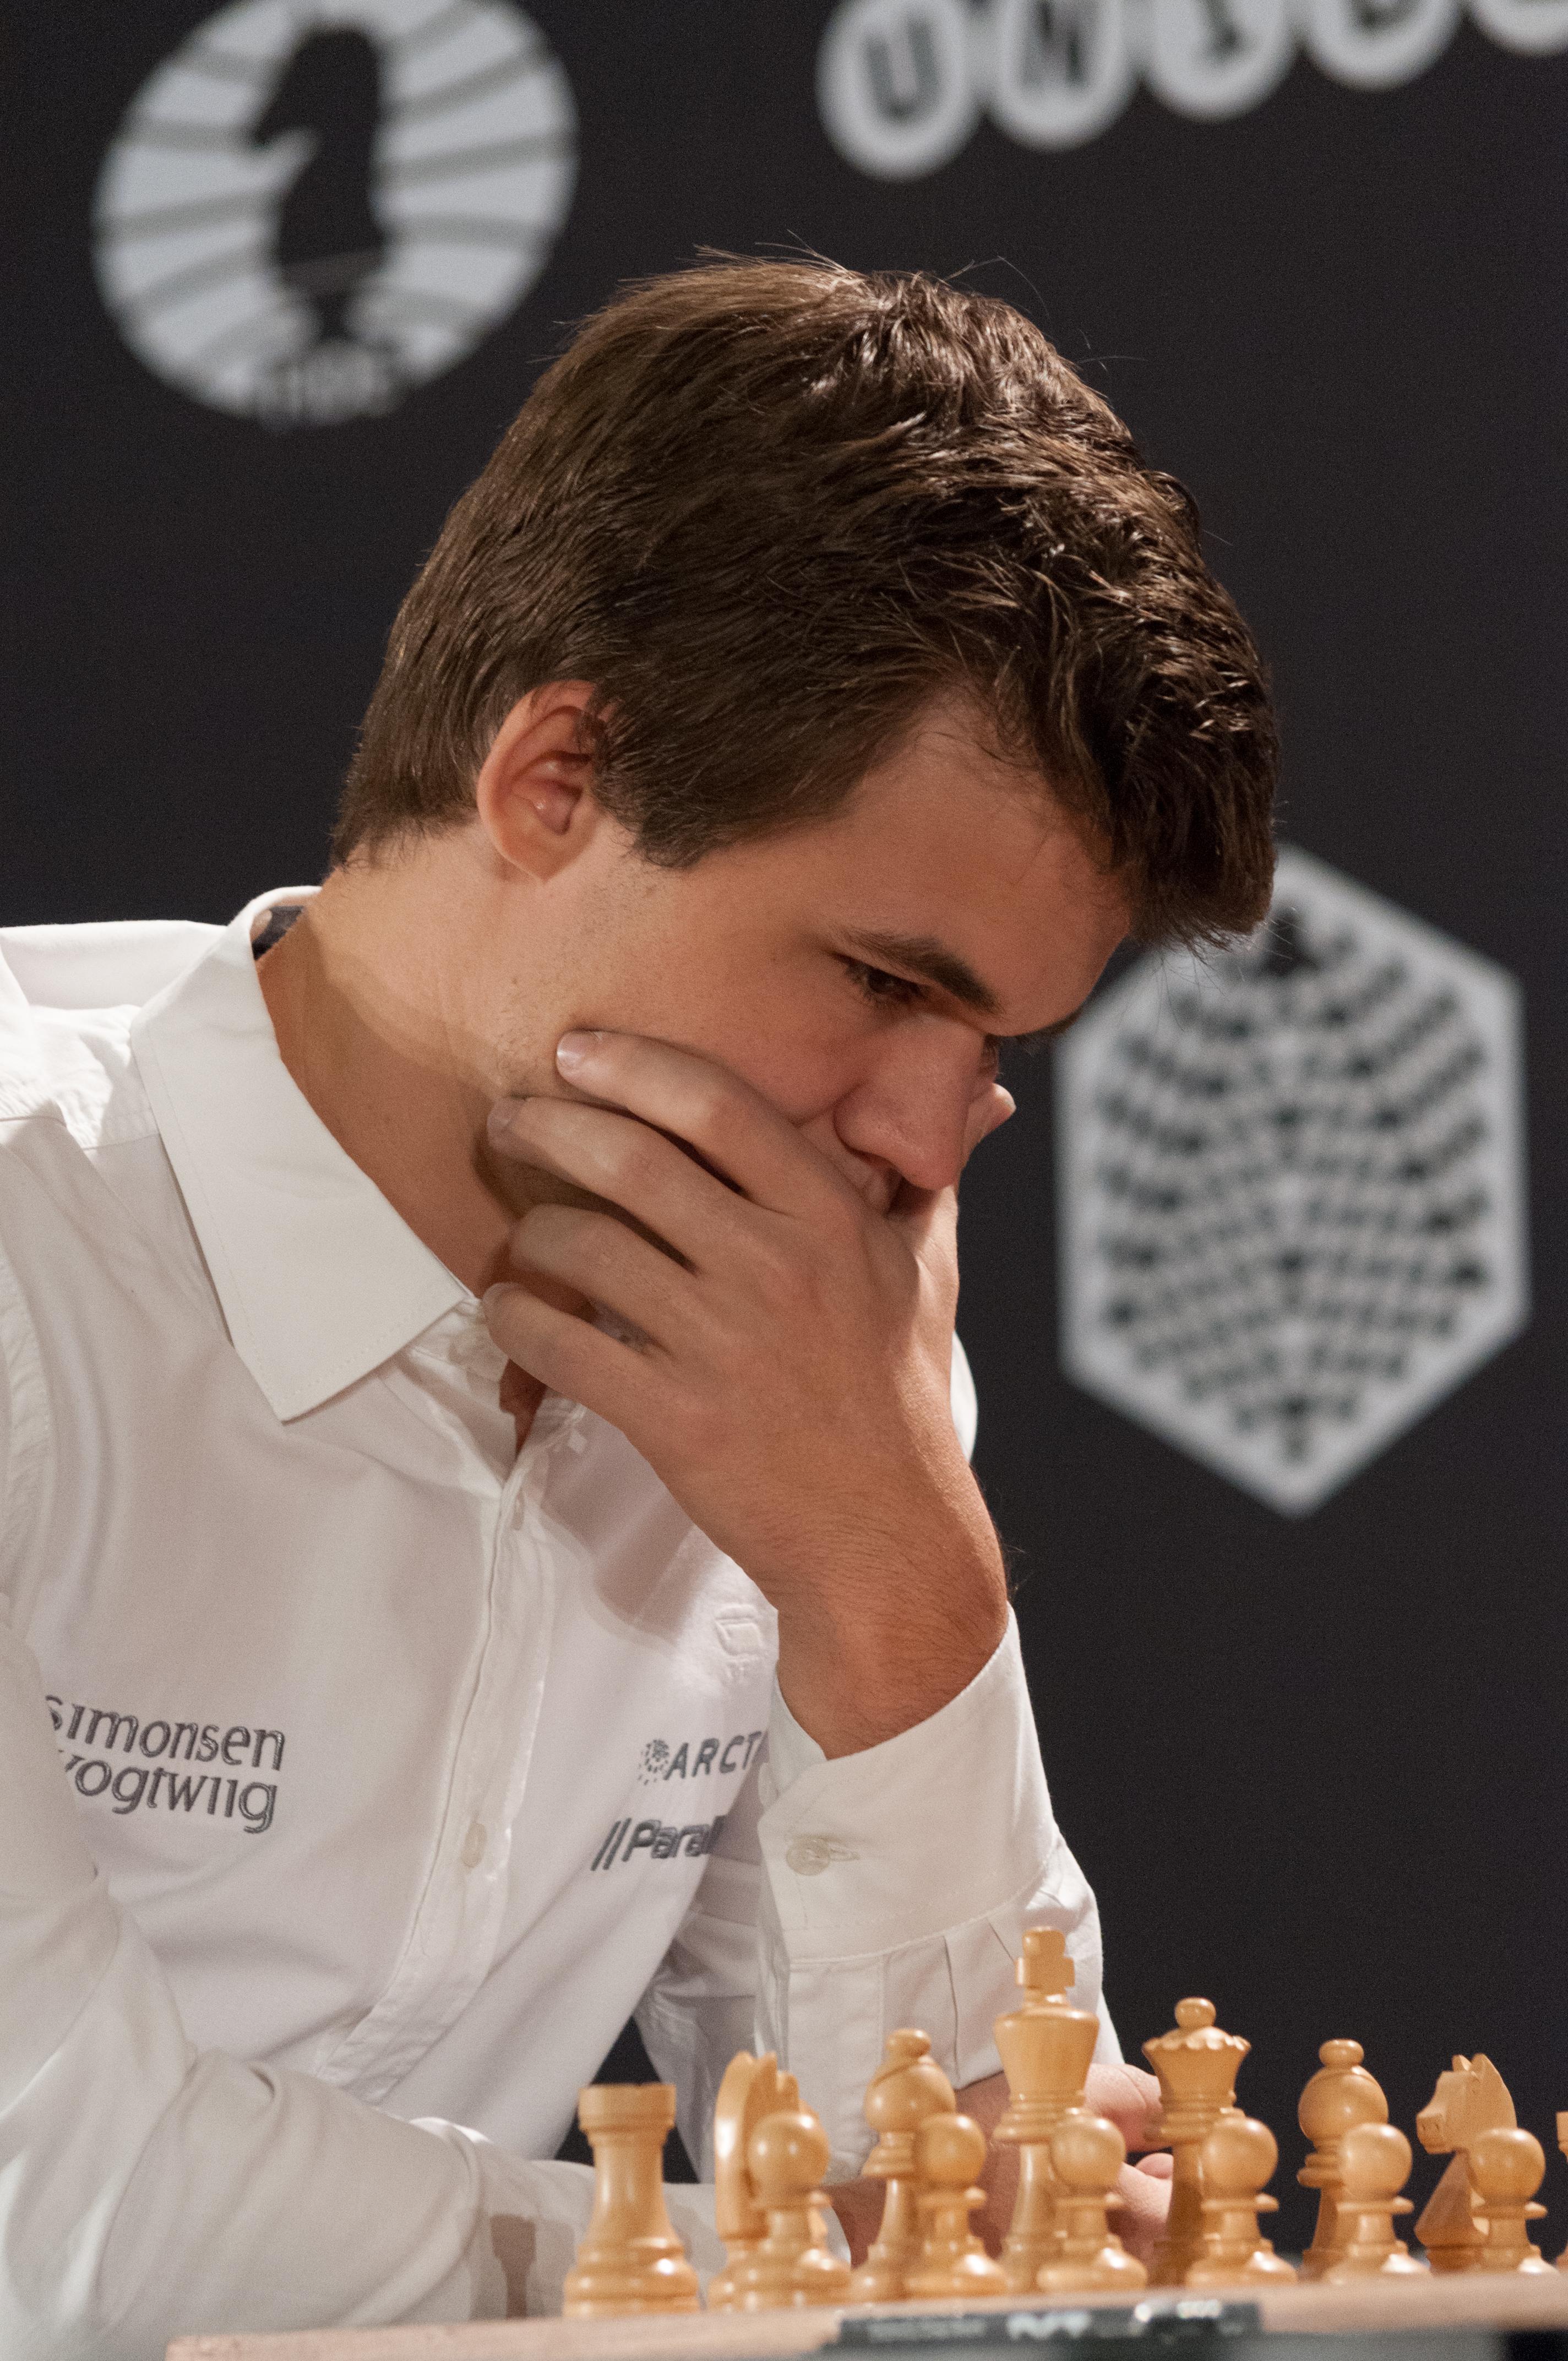 File:15-10-10-Magnus Carlsen-RalfR-N3S 2342.jpg - Wikimedia Commons